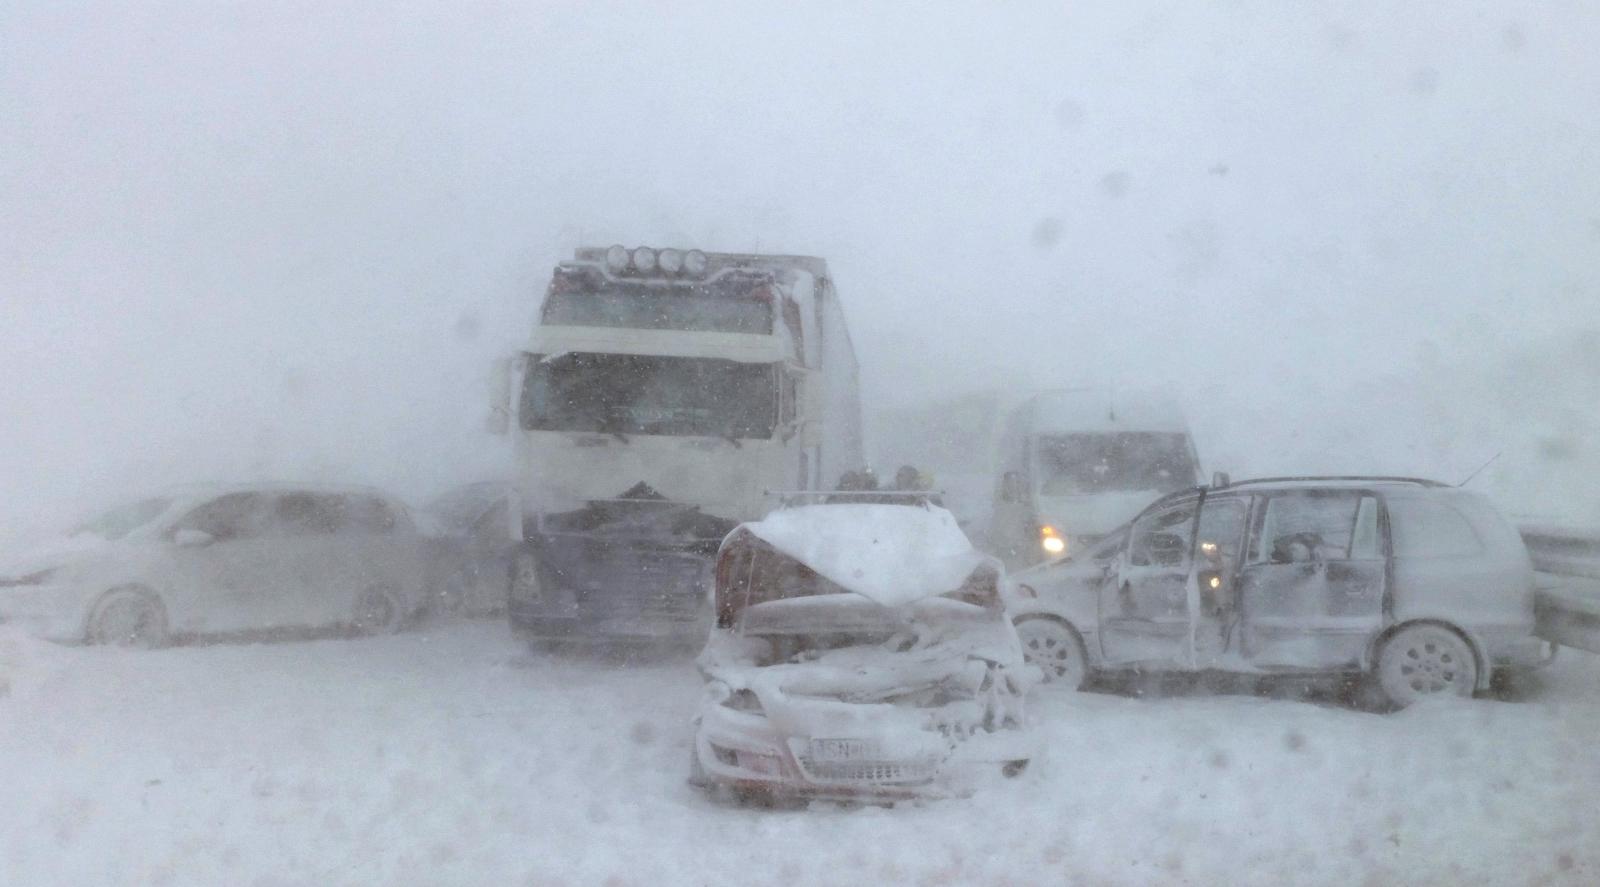 Karambol na Słowacji. Około 40 samochodów zderzyło się z powodu złych warunków pogodowych. Fot. PAP/EPA/HAZZ HANDOUT